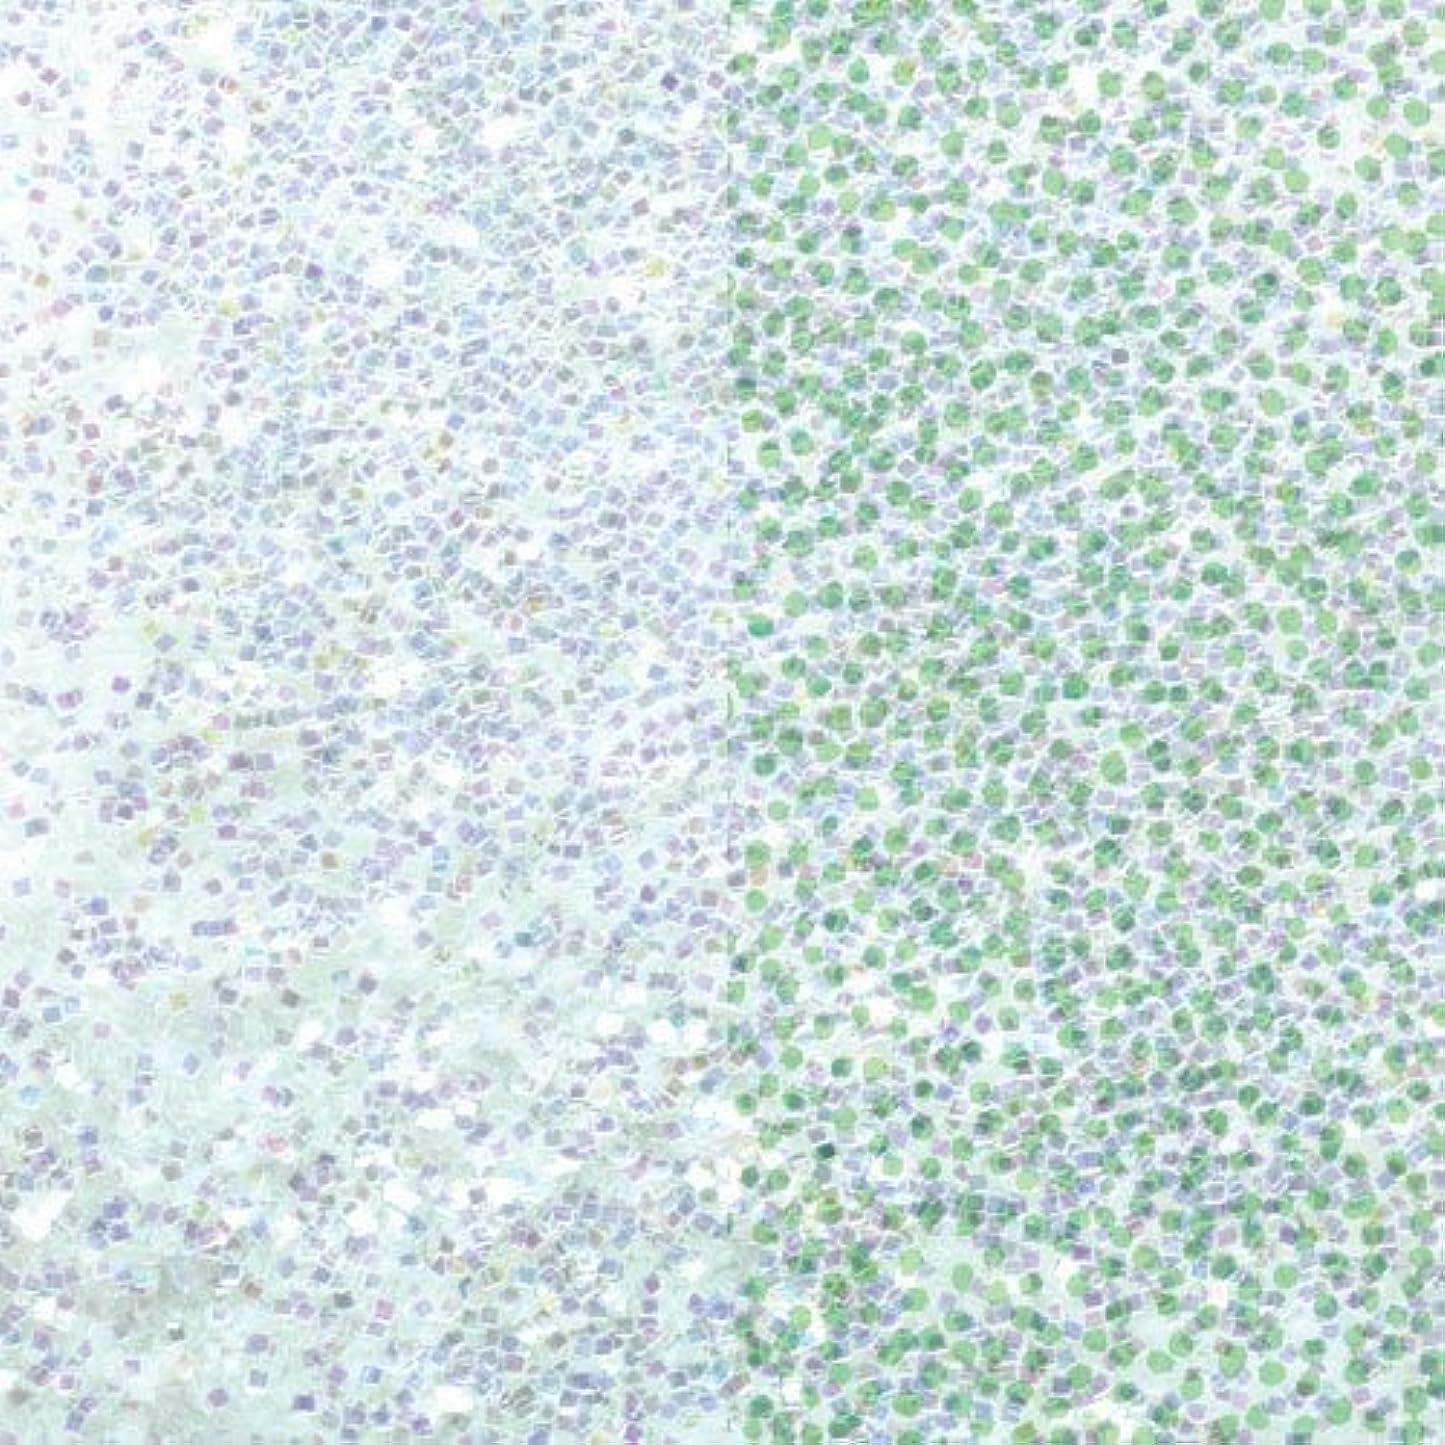 千副産物東方ピカエース ネイル用パウダー ラメオーロラ 耐溶剤 S #631 Wグリーン 1g